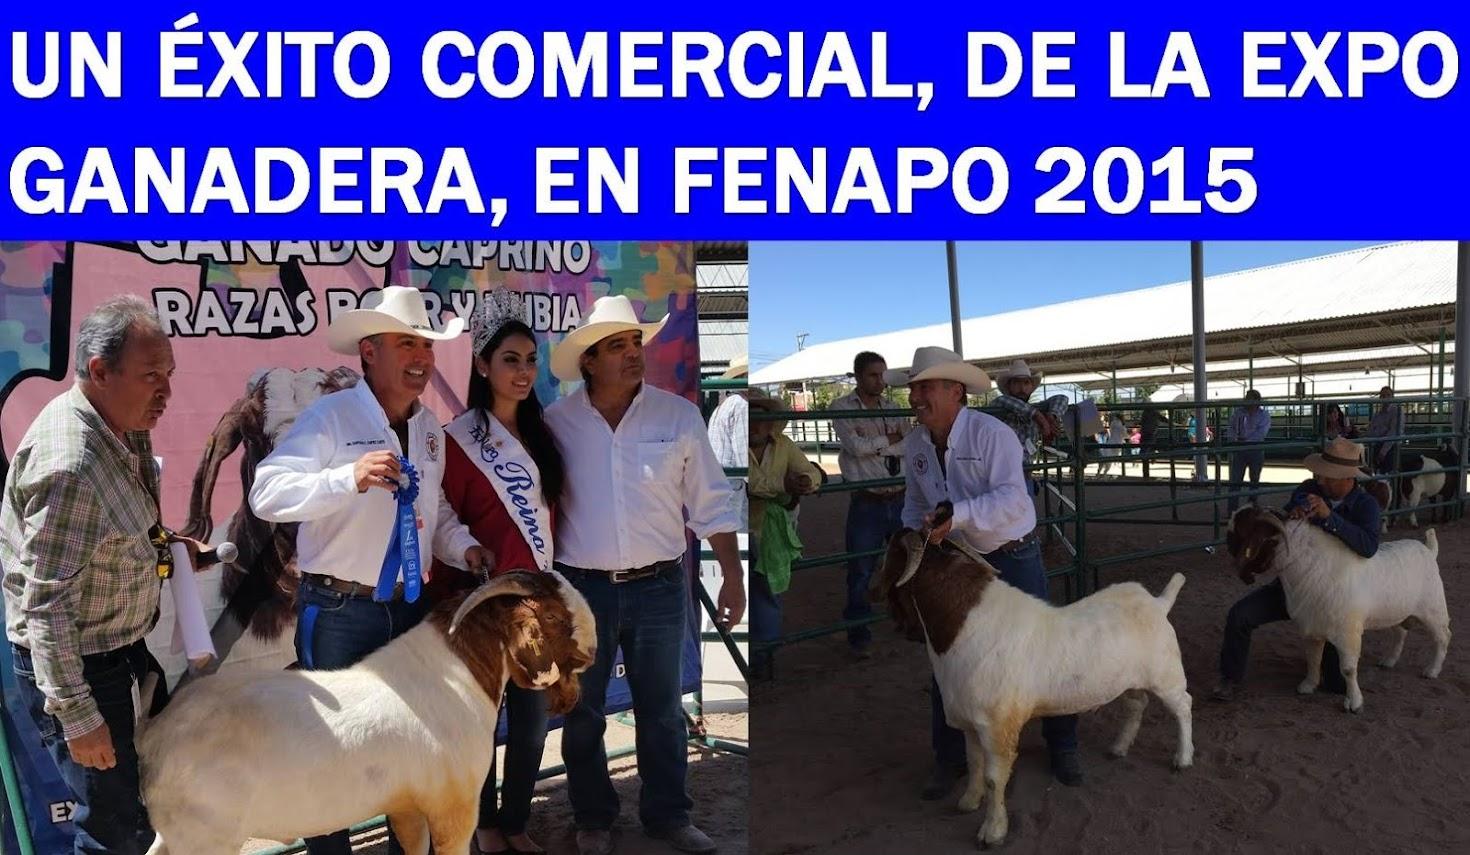 LA FENAPO 2015: LA MEJOR FIESTA DEL VERANO EN MÉXICO, Y EN EL MUNDO